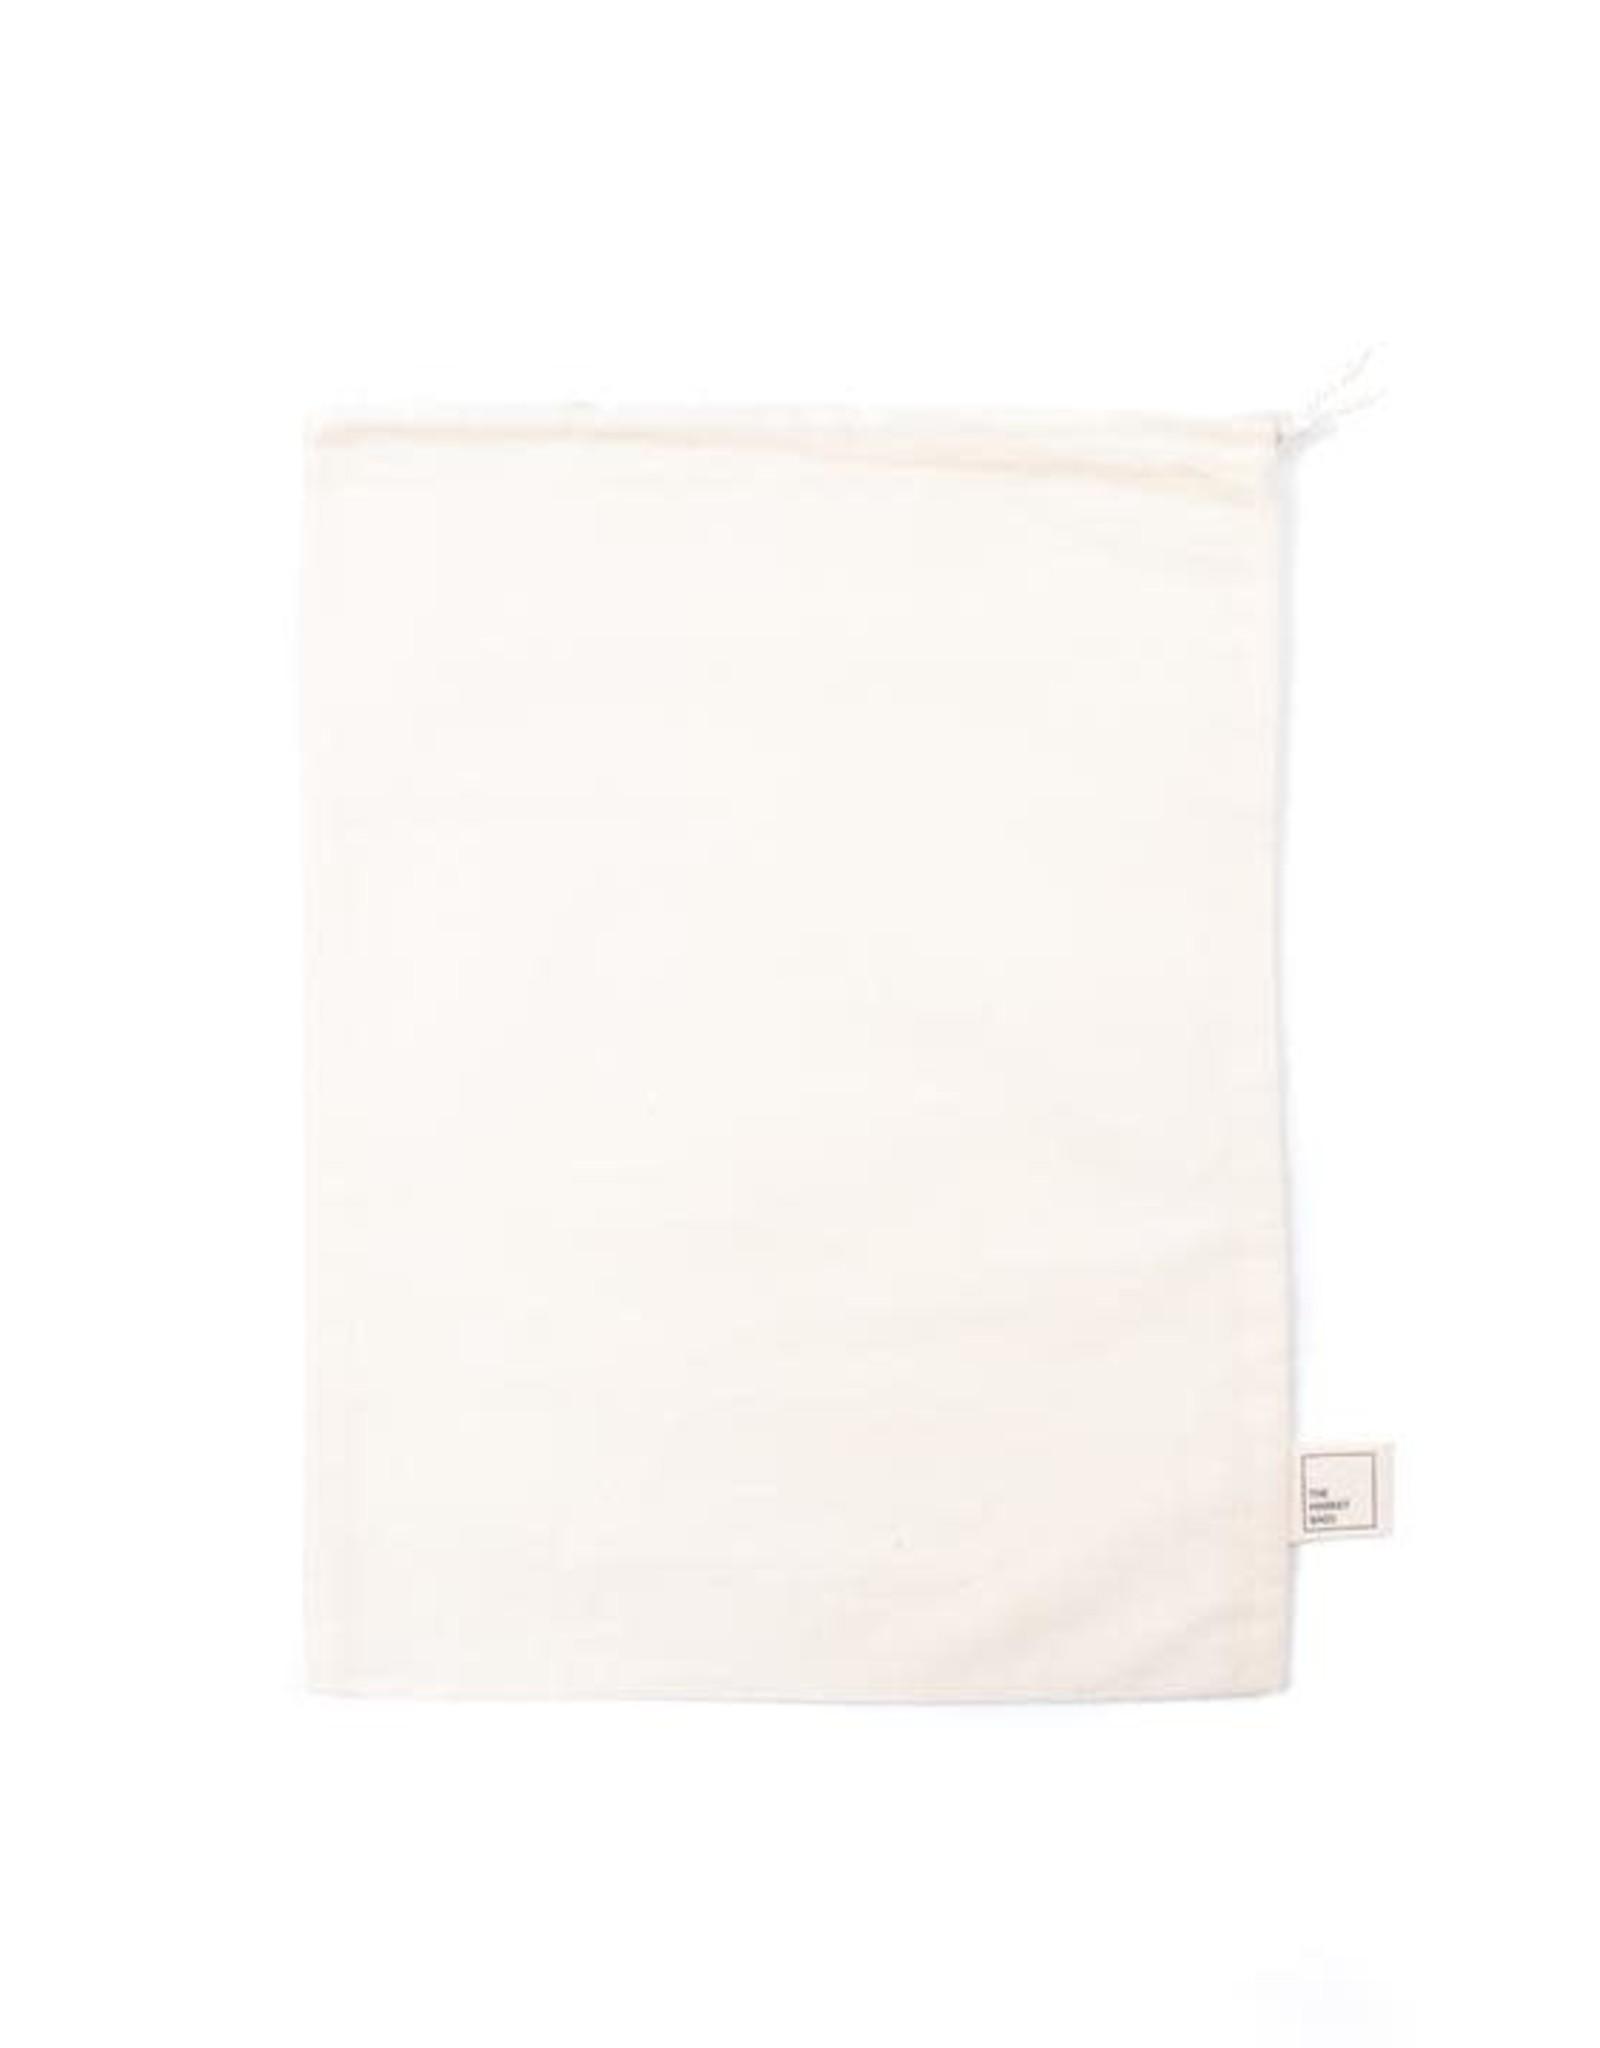 Market Bag Market bag, Large bulk bag